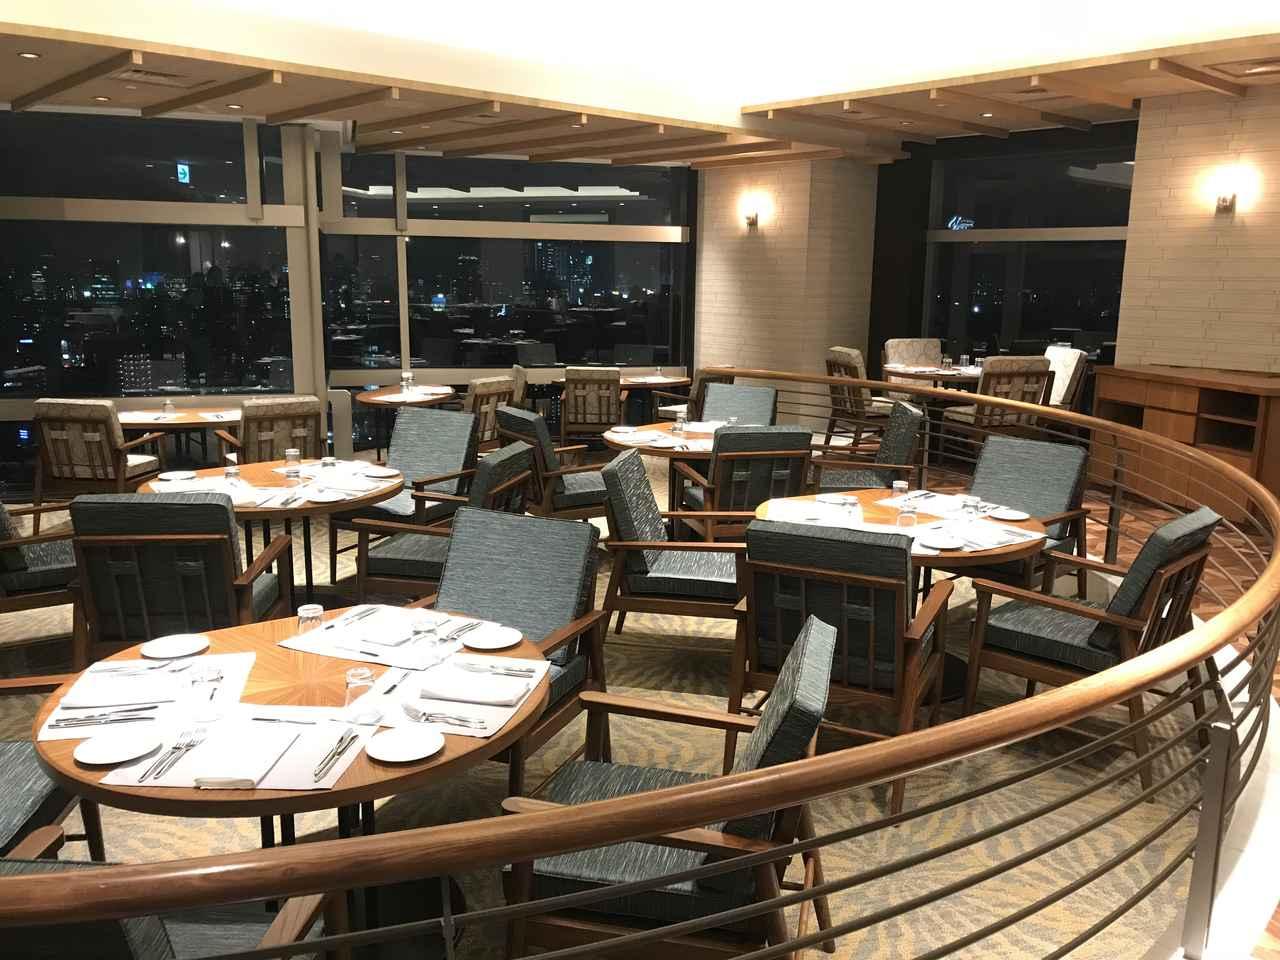 画像6: ホテルの上層階なのに気軽に入れるカジュアルレストラン。 新宿「サザンタワーダイニング」が本日オープン!【ロレンス的ニュース!】